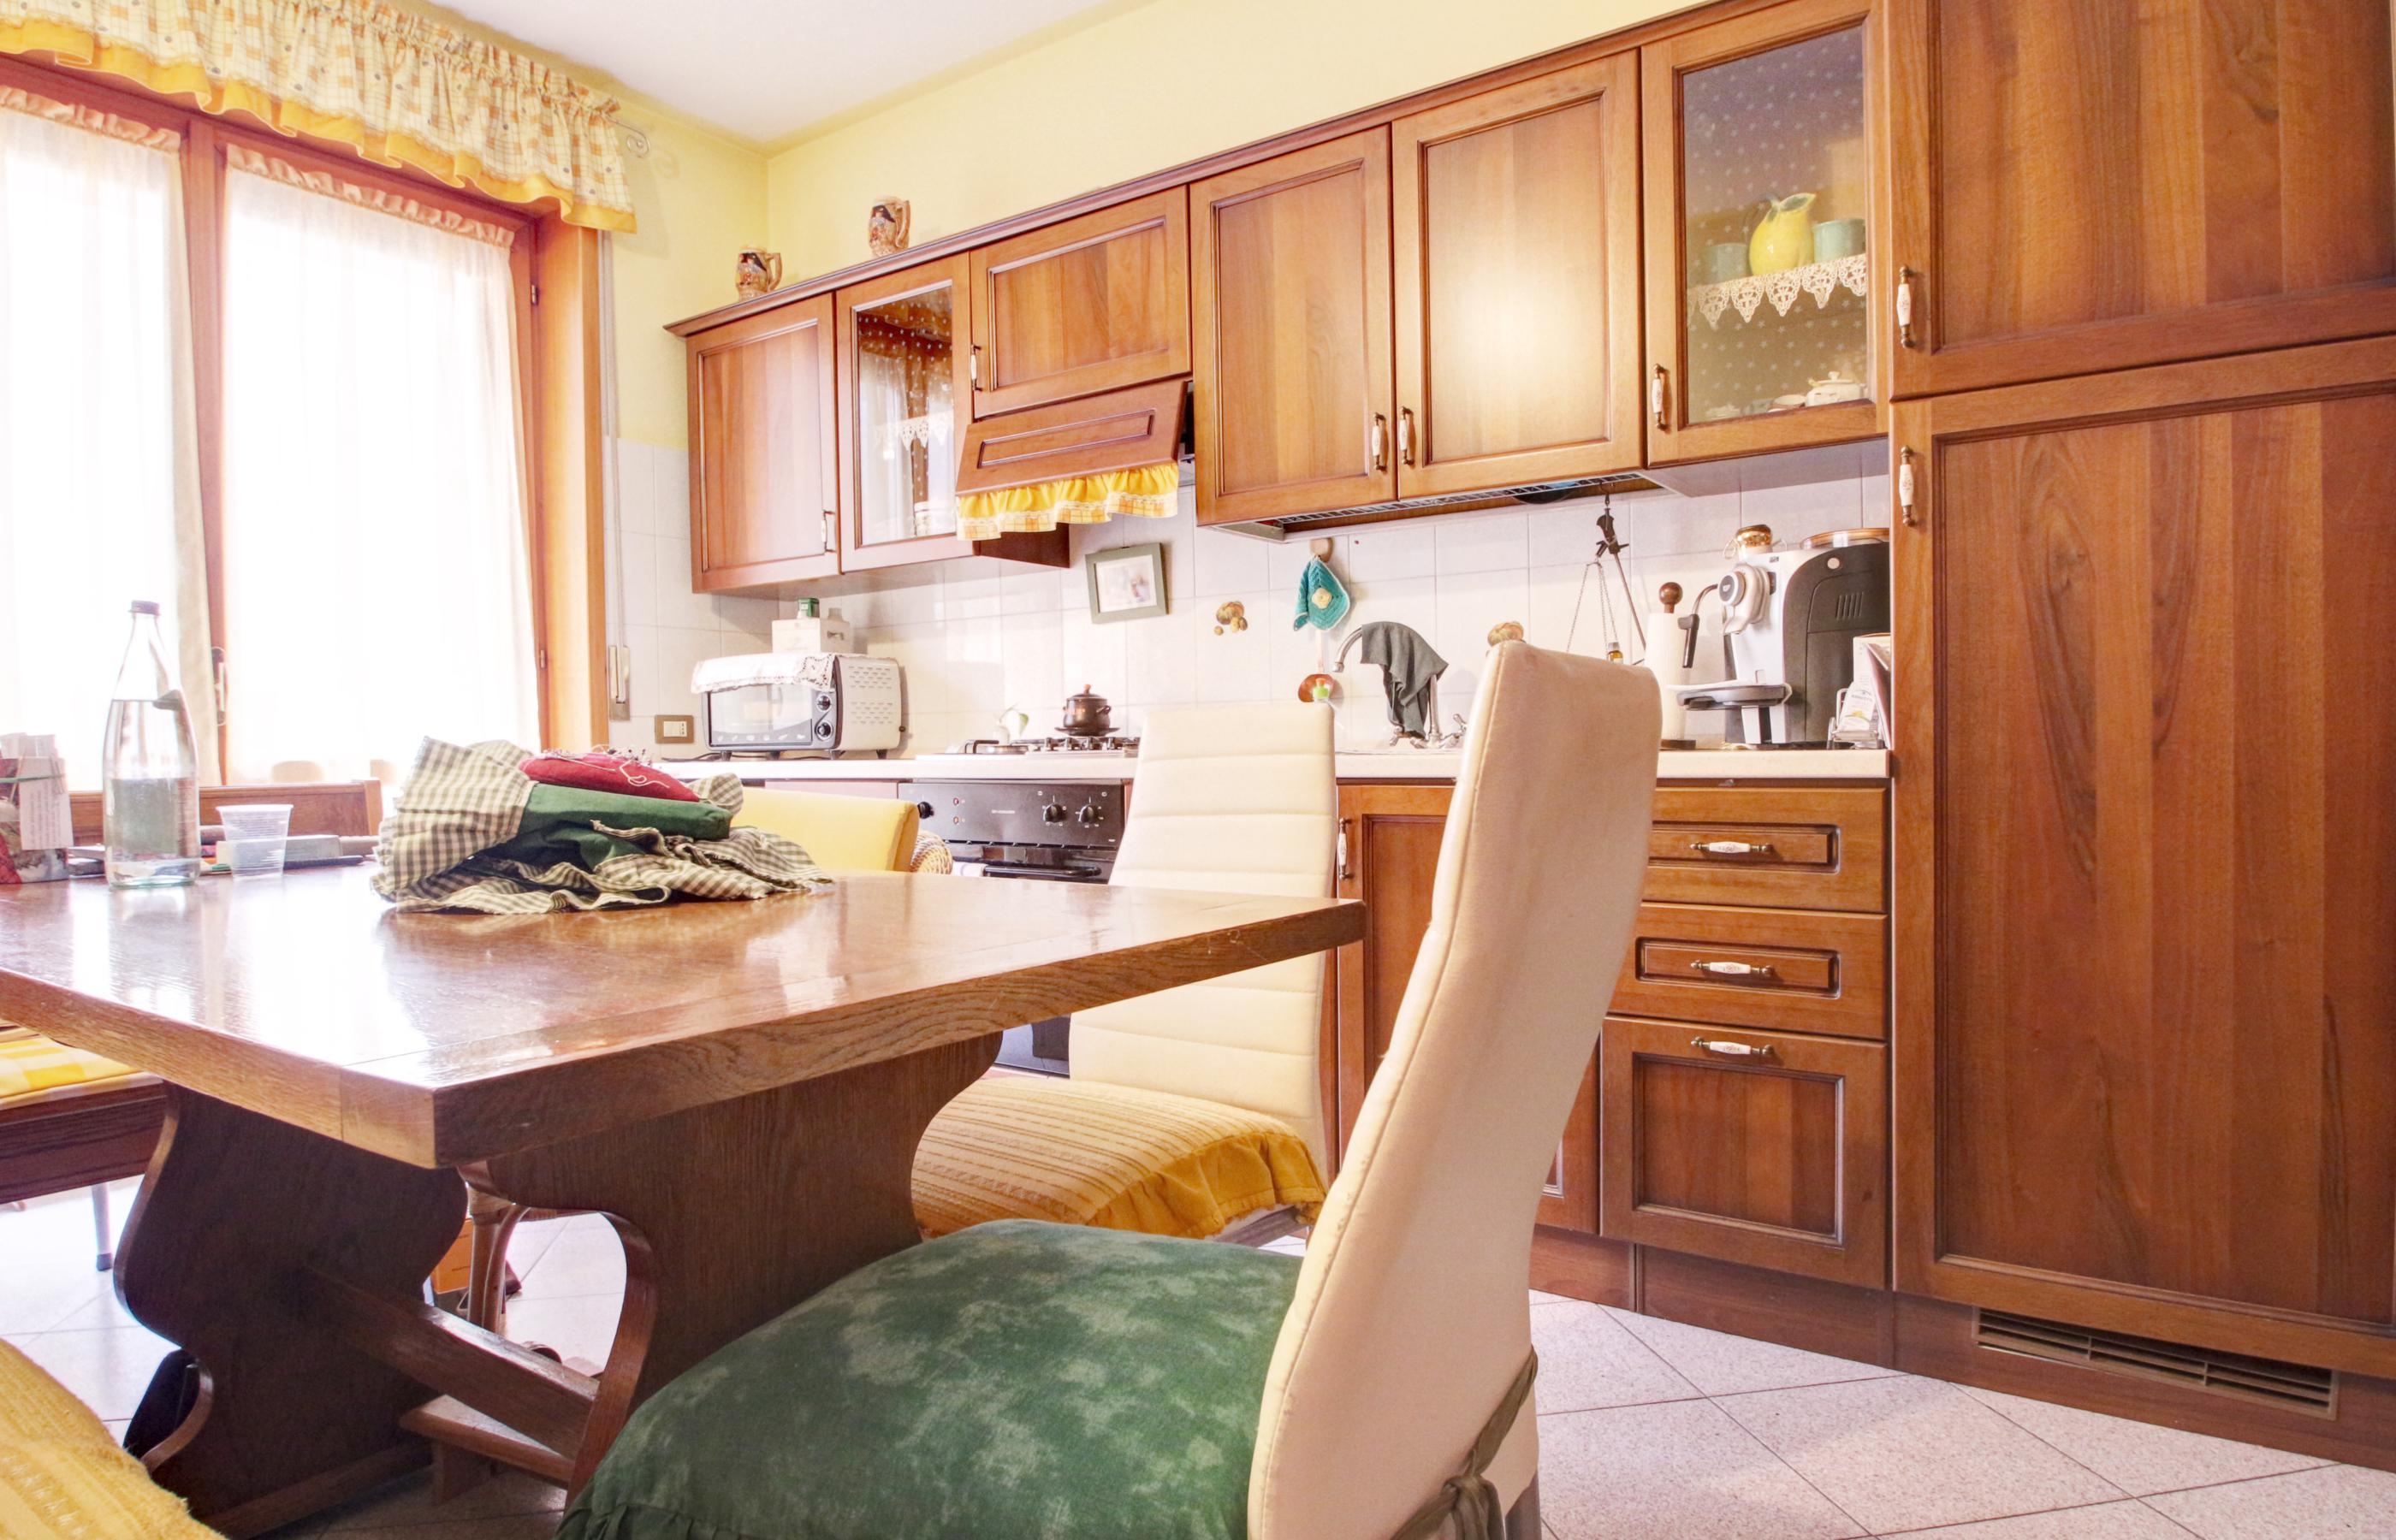 OMEGNA Ampio appartamento con garage, cantina e balconi ...